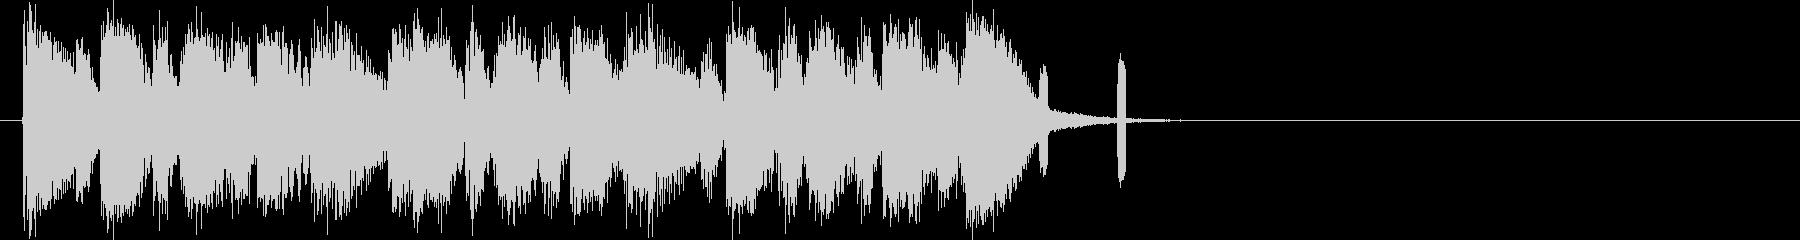 コミカル クイズ 発表 登場 イベントの未再生の波形